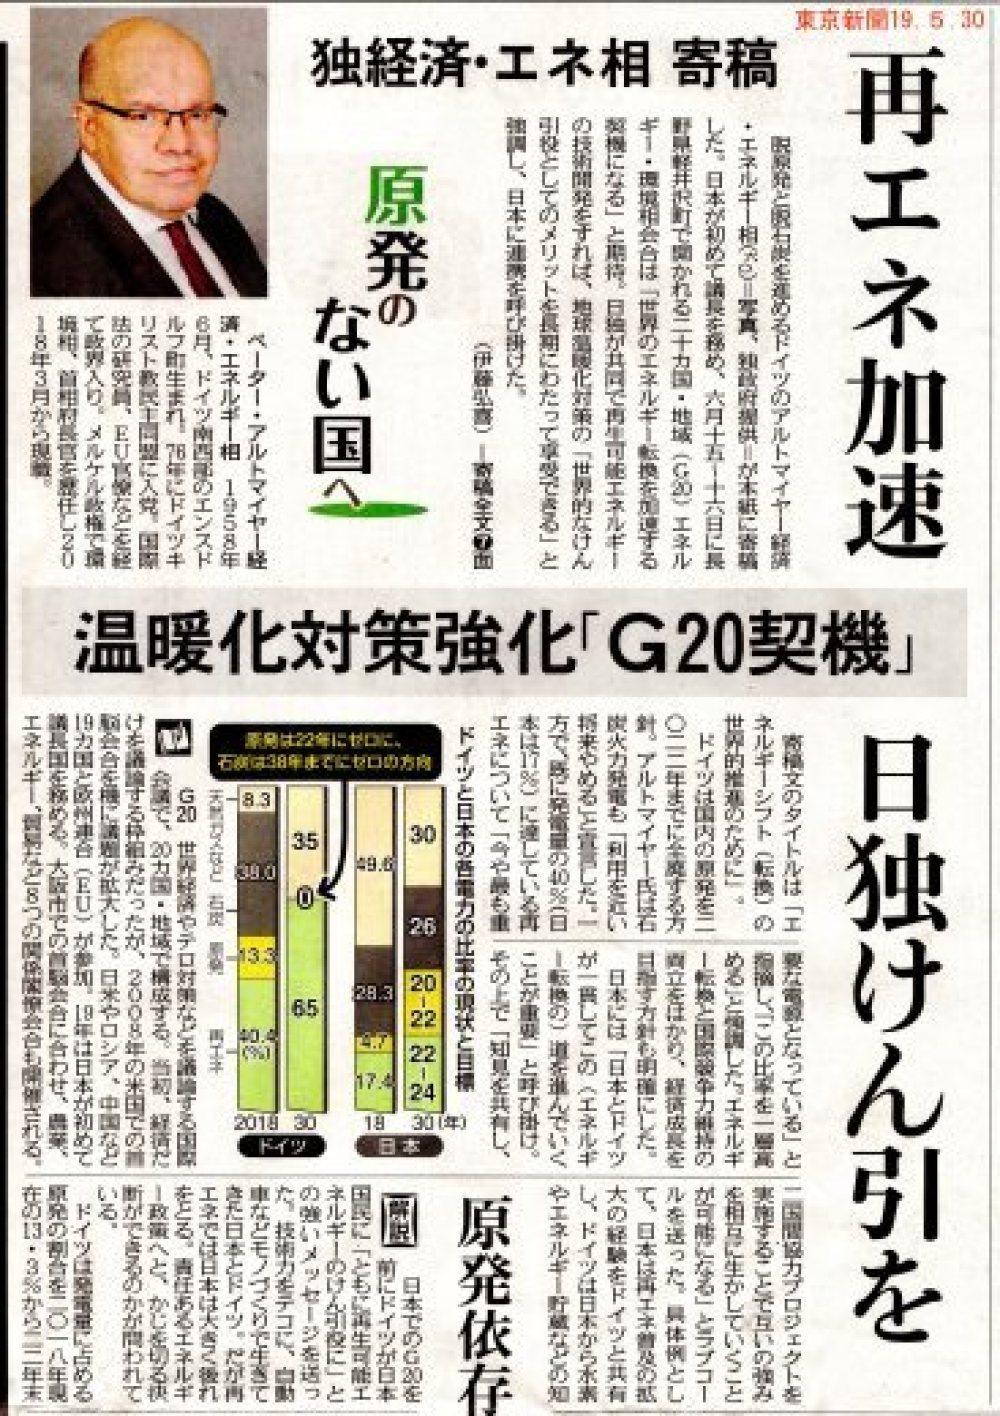 原発のない国へ 再エネ加速 日独牽引を /  東京新聞 _b0242956_20360927.jpg